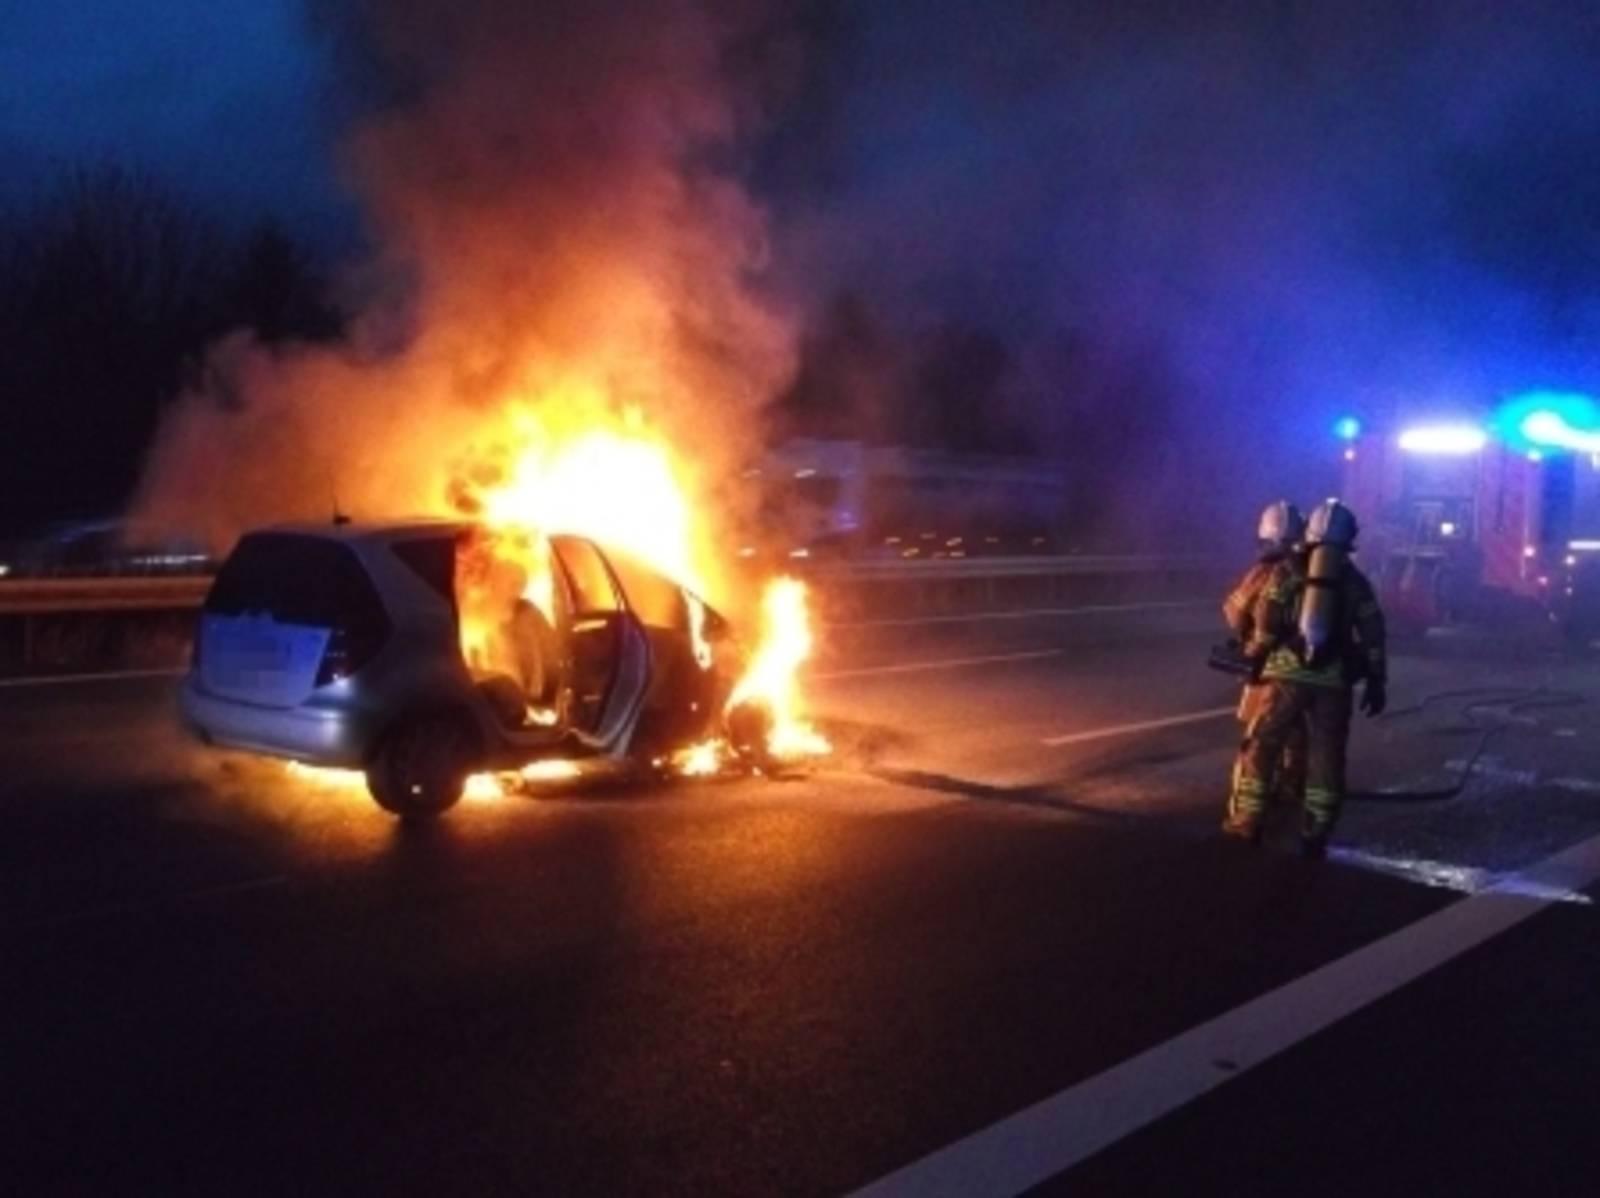 Beim Brand eines Kleinwagens musste am Donnerstagnachmittag die Autobahn 2 kurz hinter der Anschlussstelle Hannover-Herrenhausen in Richtung Berlin voll gesperrt werden.